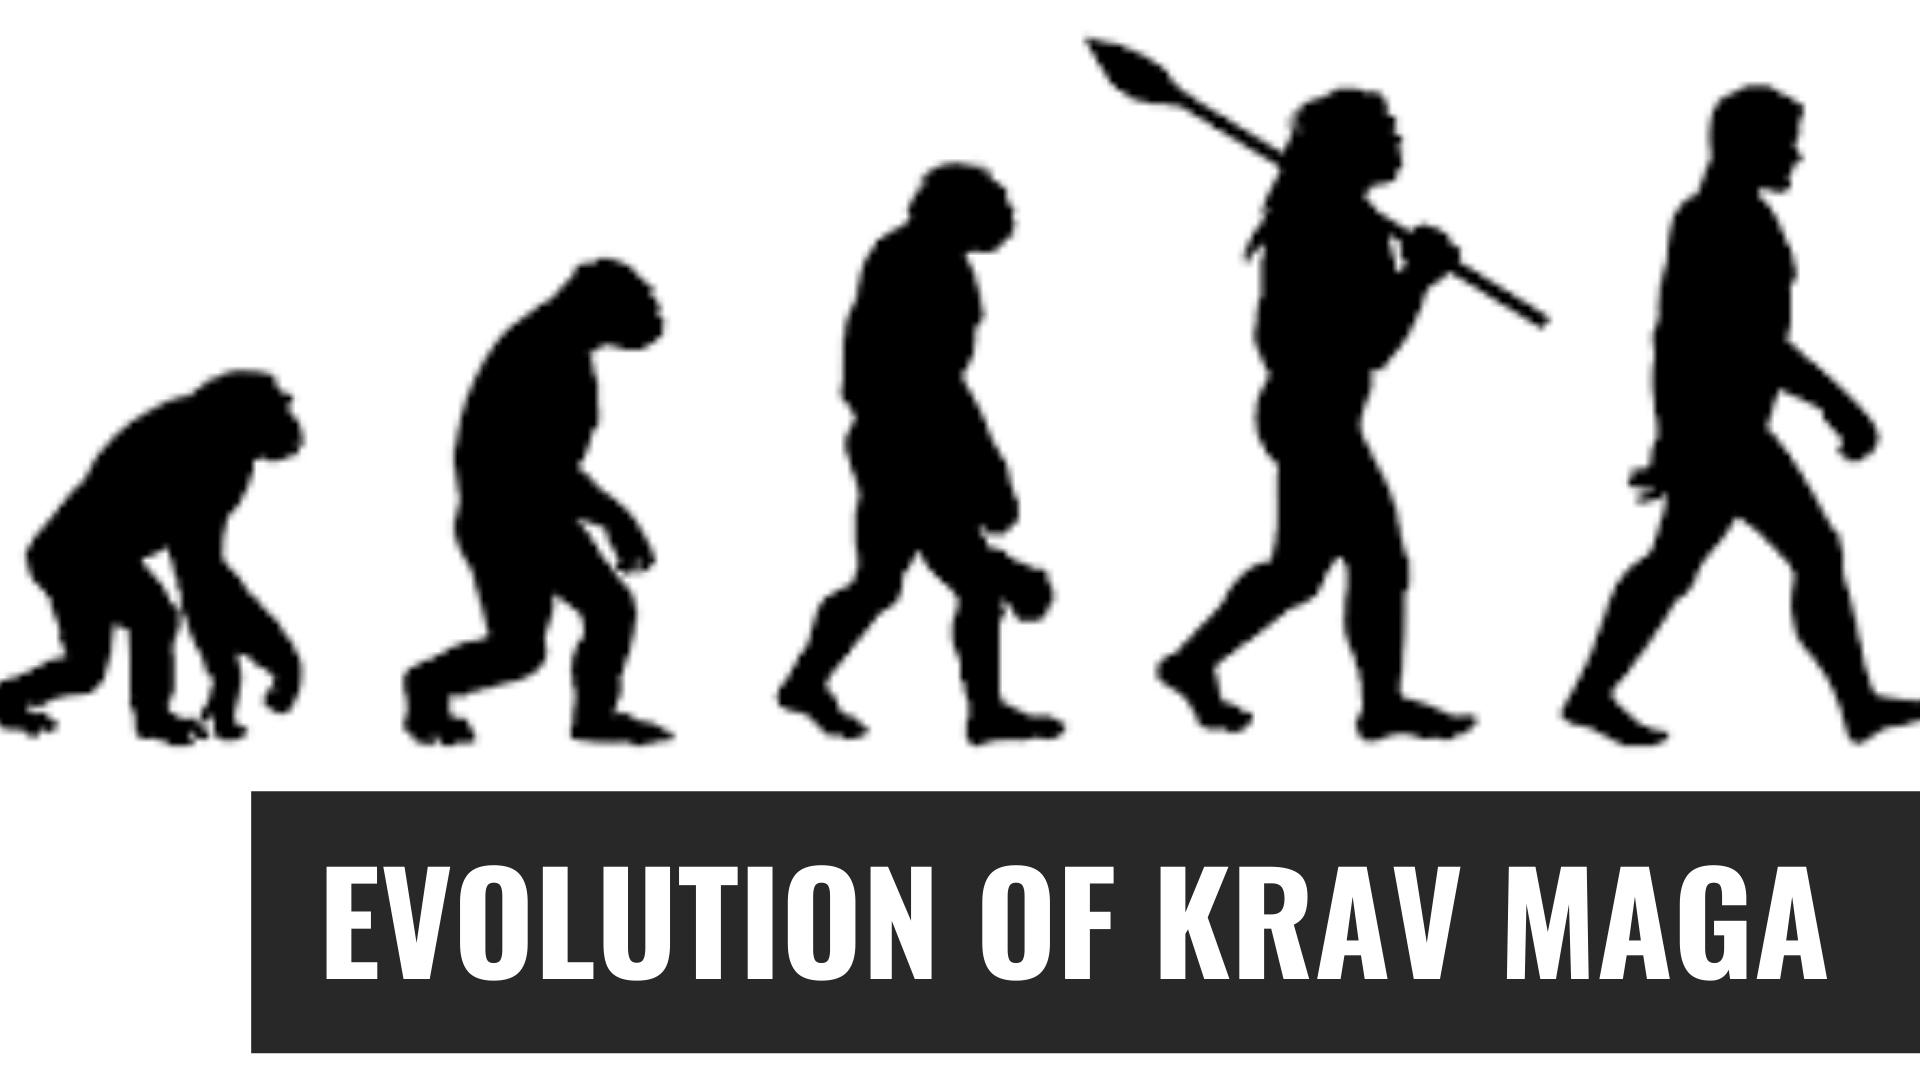 Evolution in Krav Maga